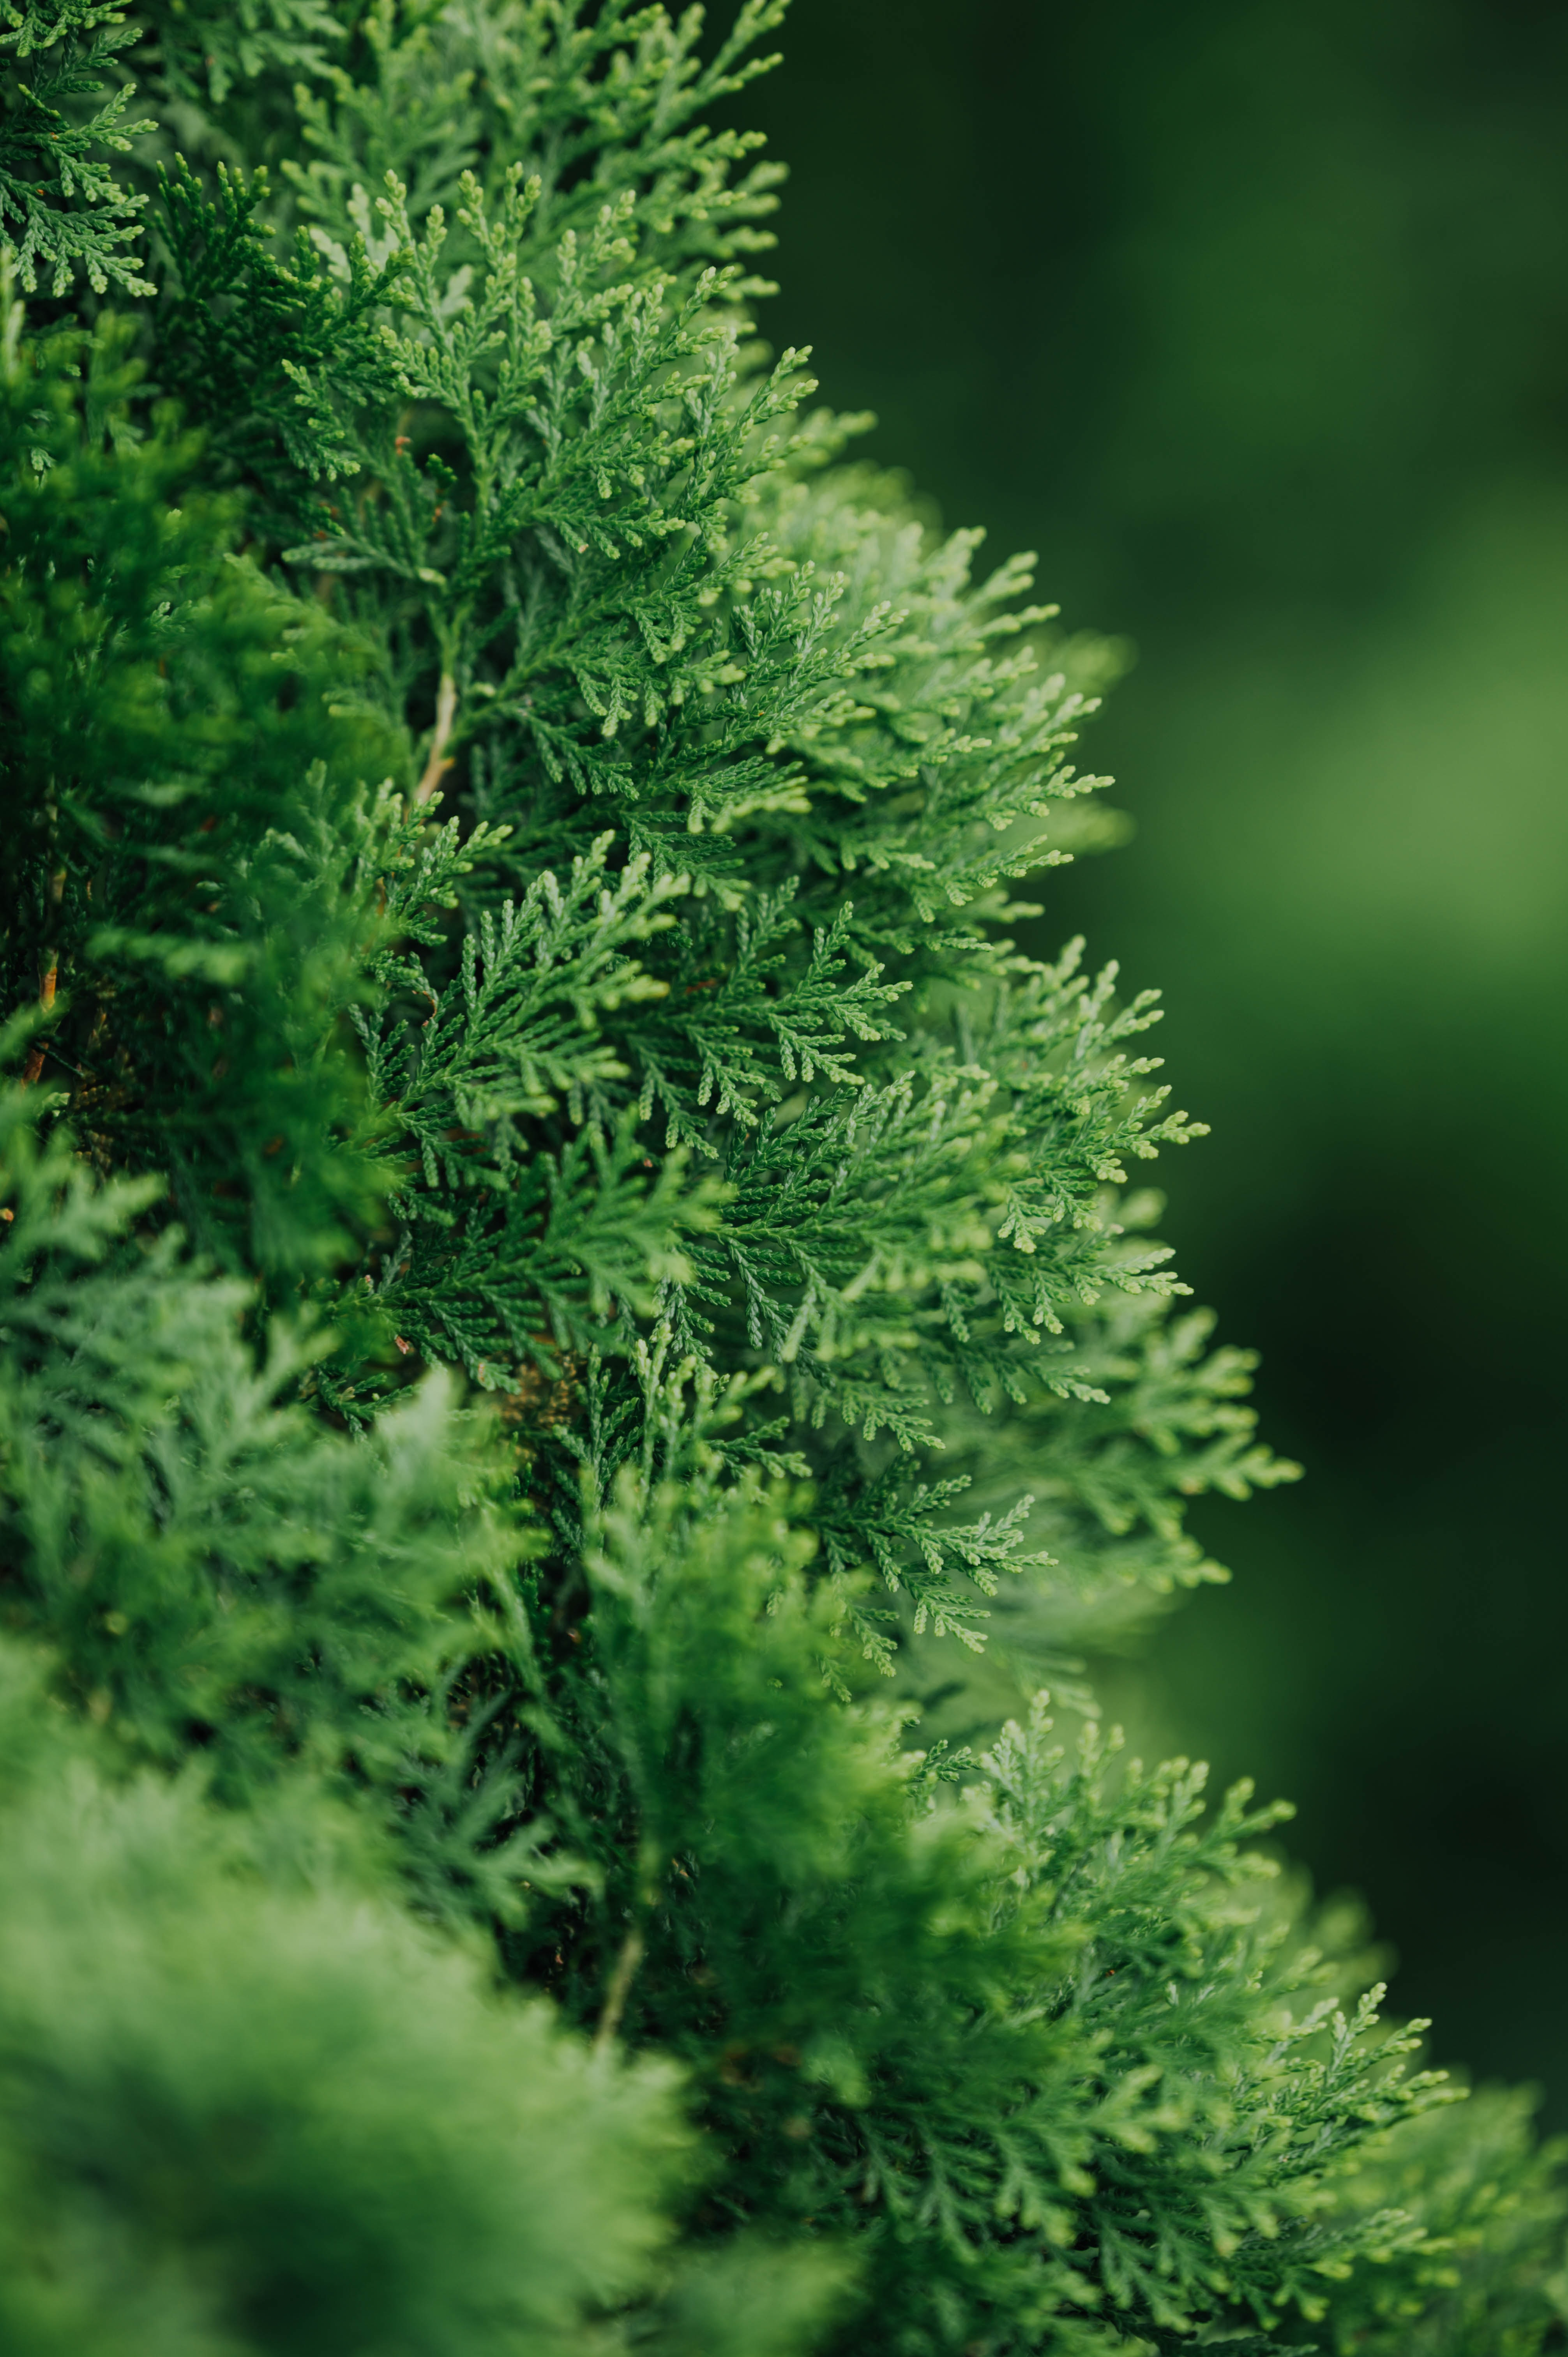 104129 скачать обои Растение, Макро, Зеленый, Хвоя, Туя - заставки и картинки бесплатно